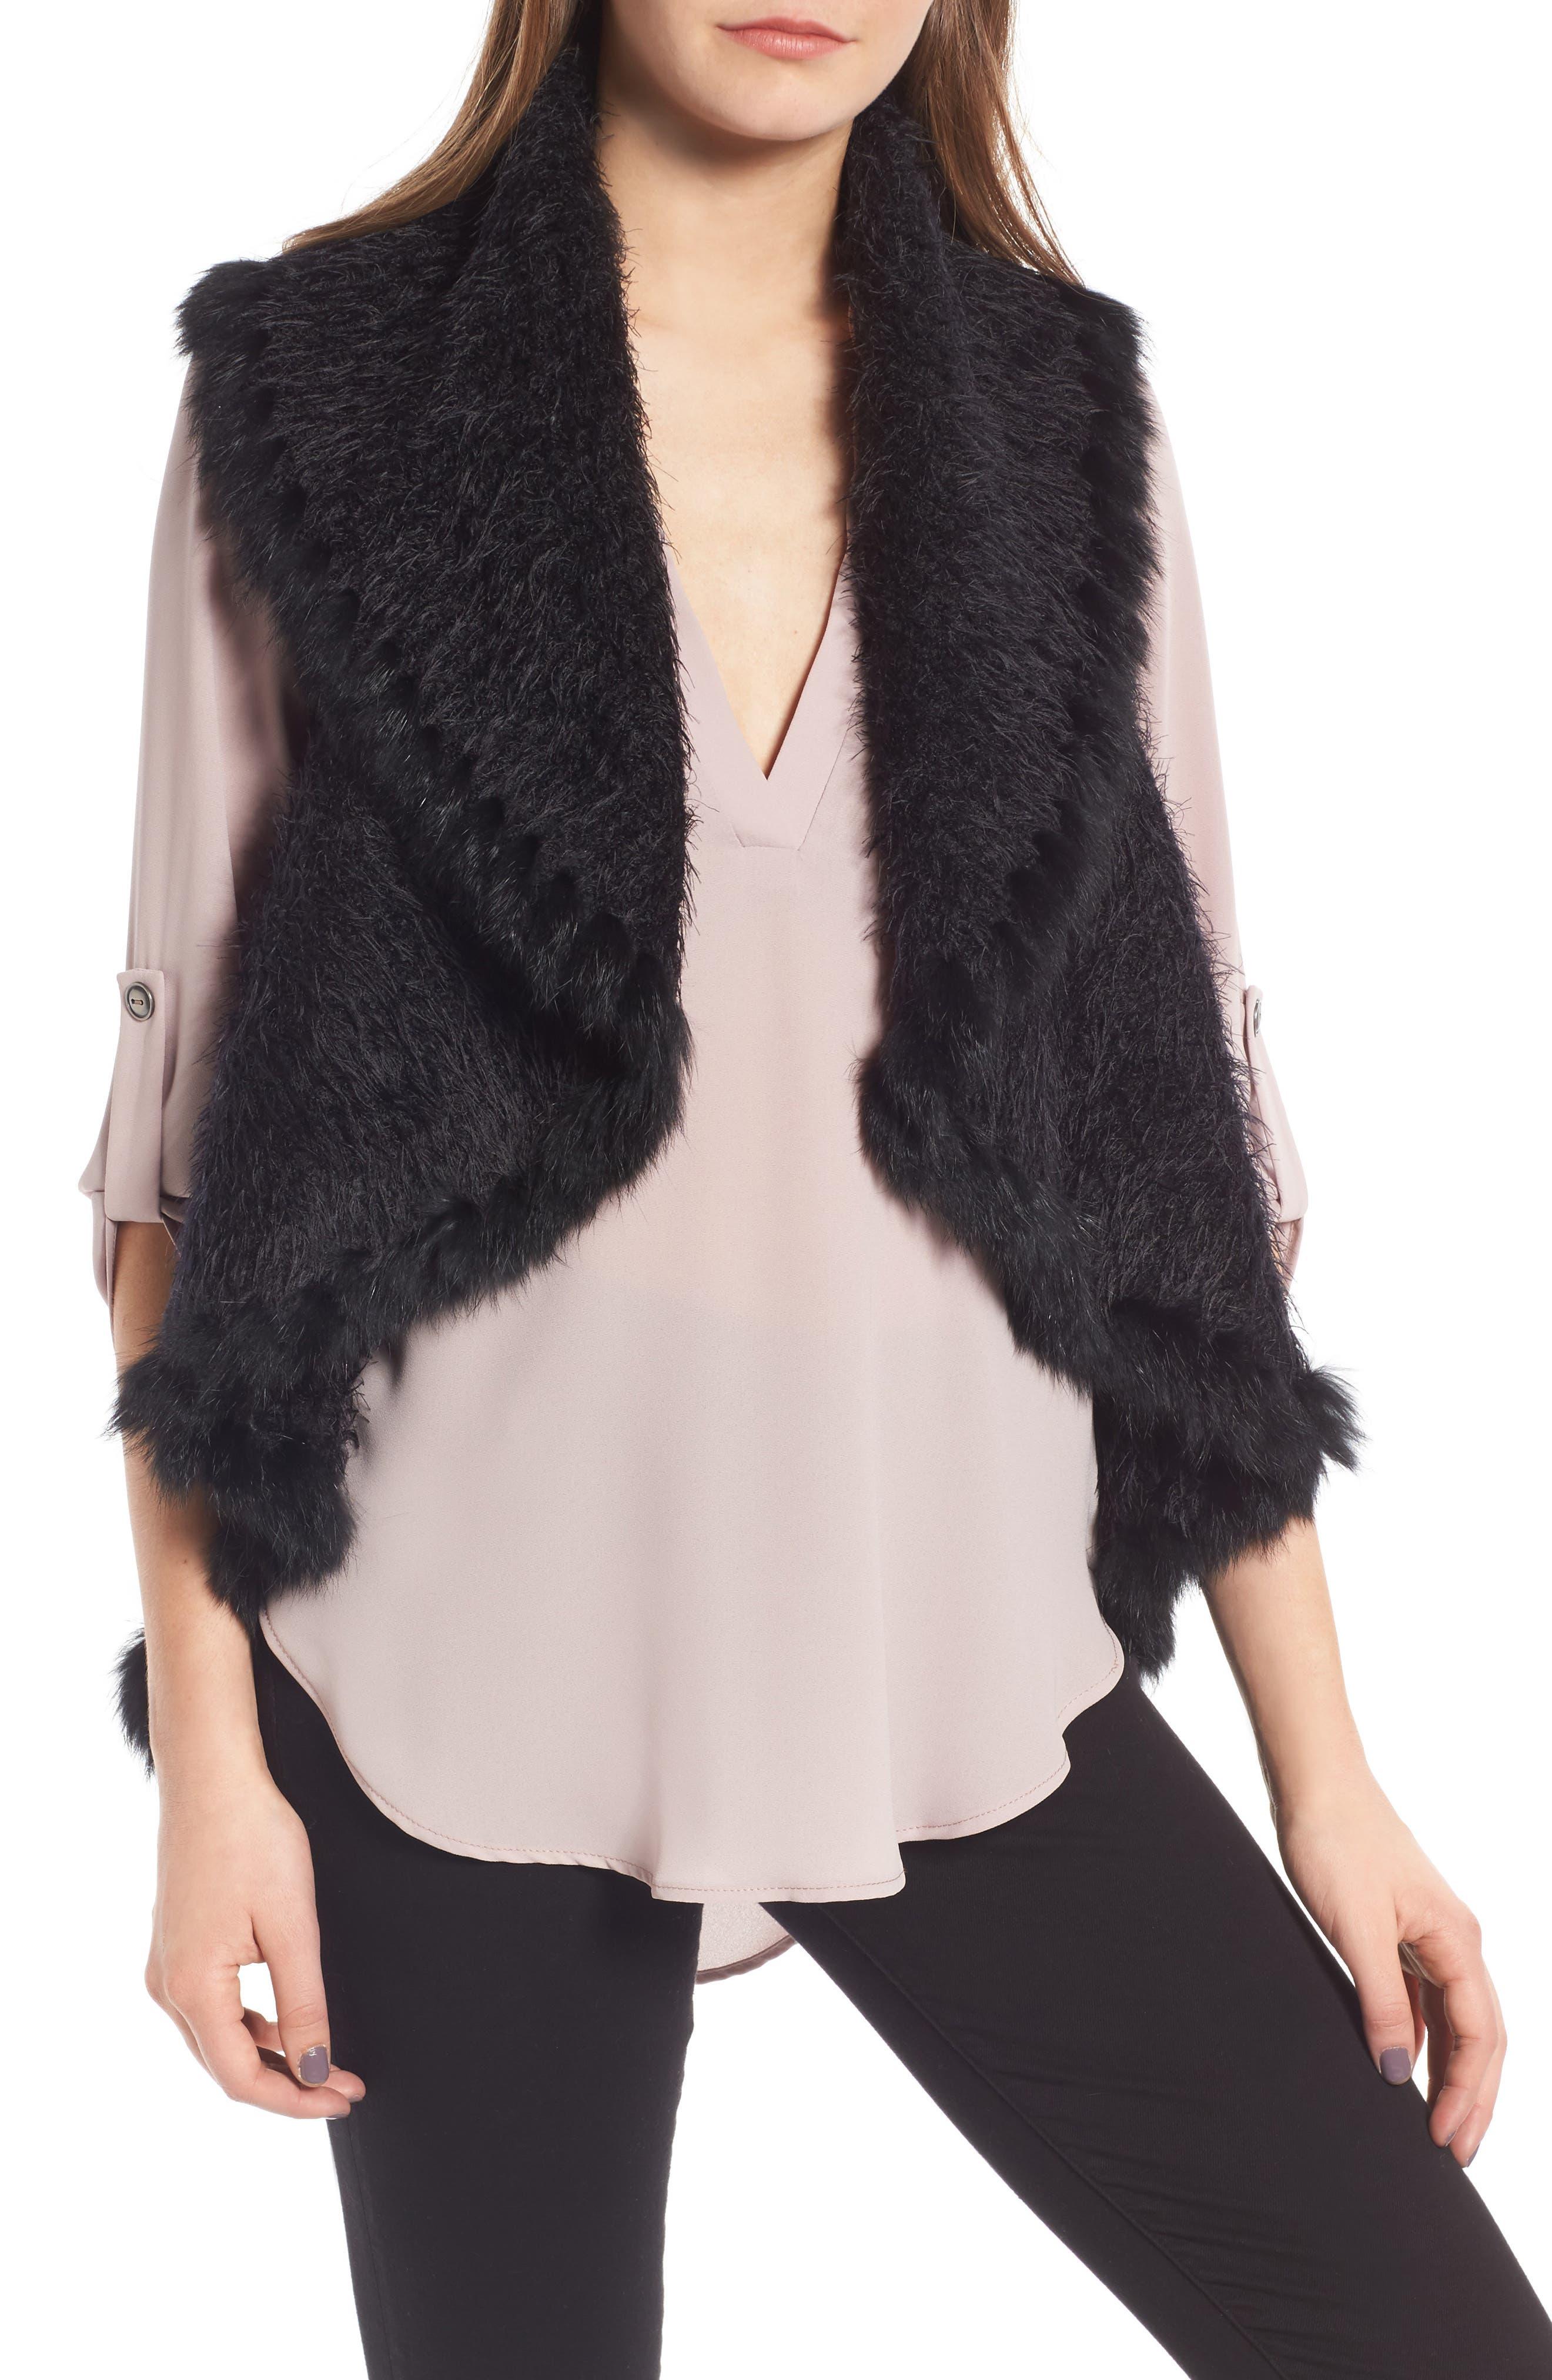 Knit Vest with Genuine Rabbit Fur Trim,                             Main thumbnail 1, color,